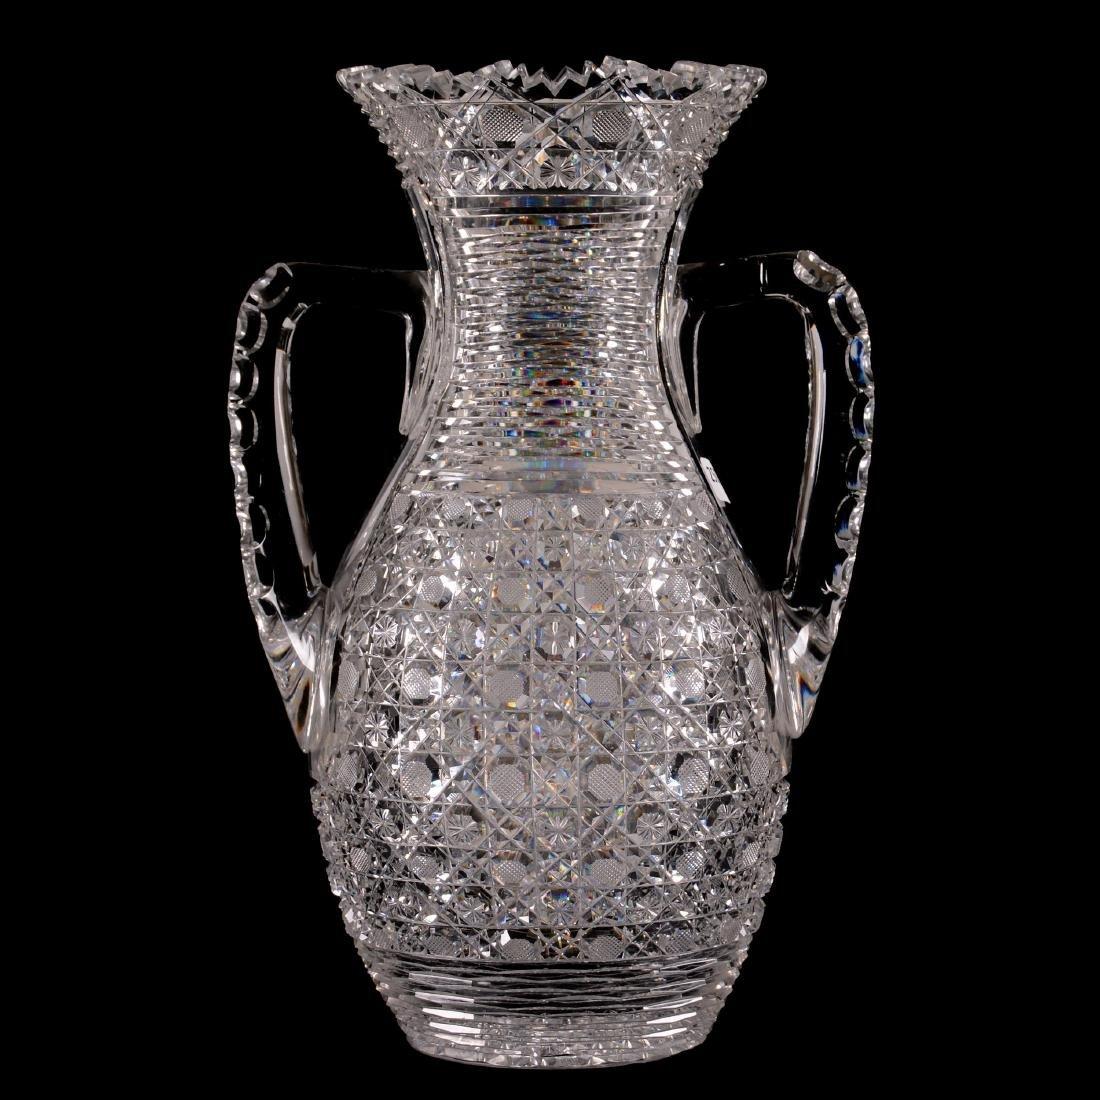 """Two-Handled Vase - 14"""" X 9.5"""" Across Handles"""